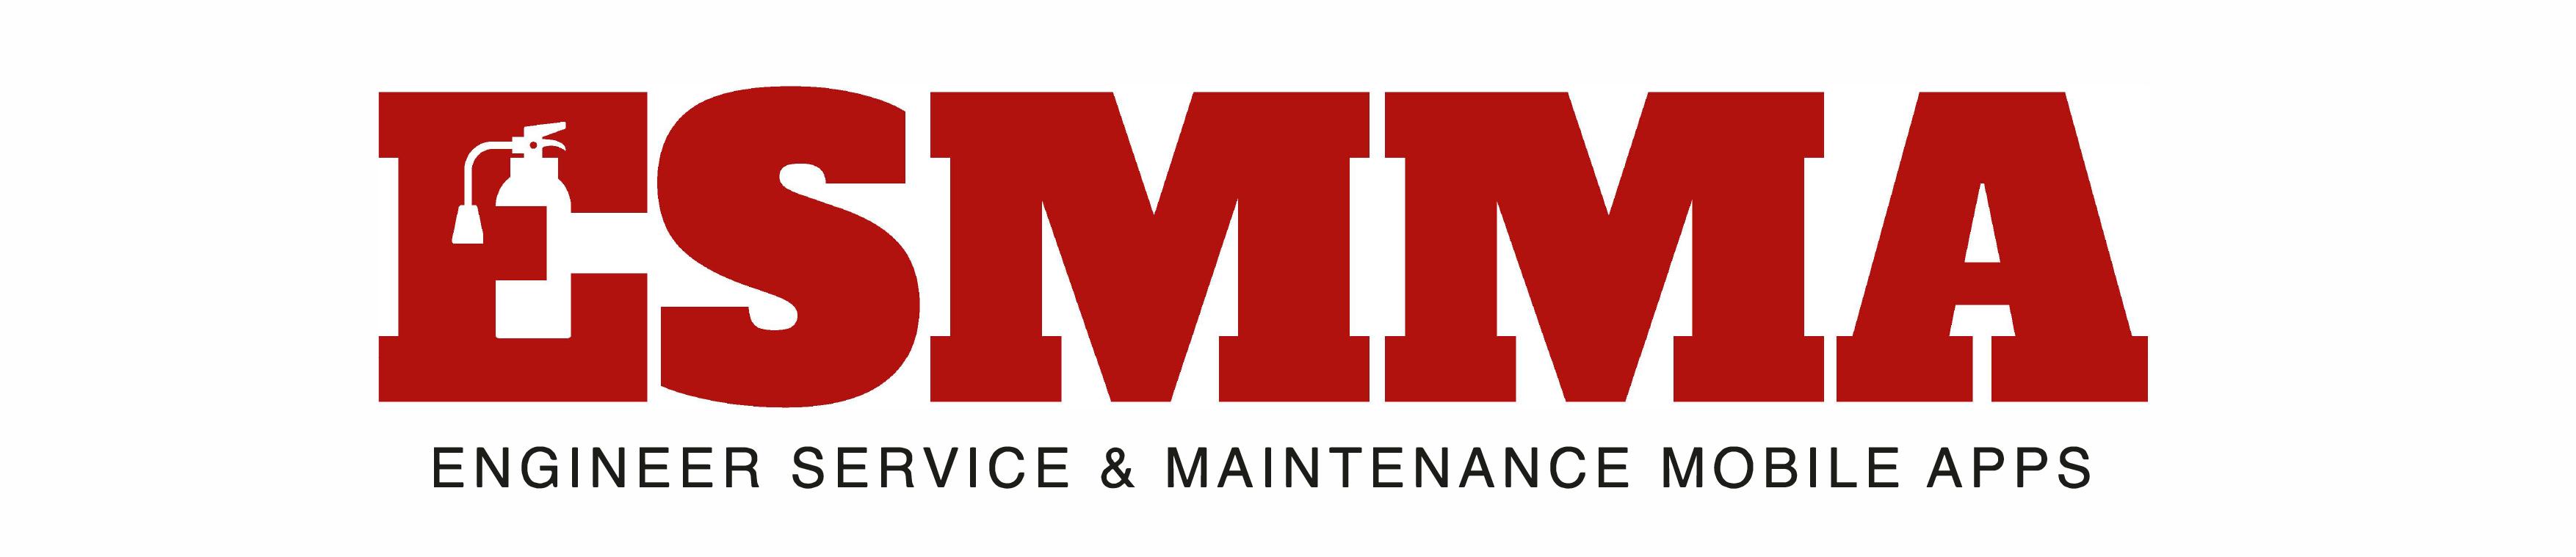 ESMMA - Extinguisher Servicing & Maintenance Mobile App